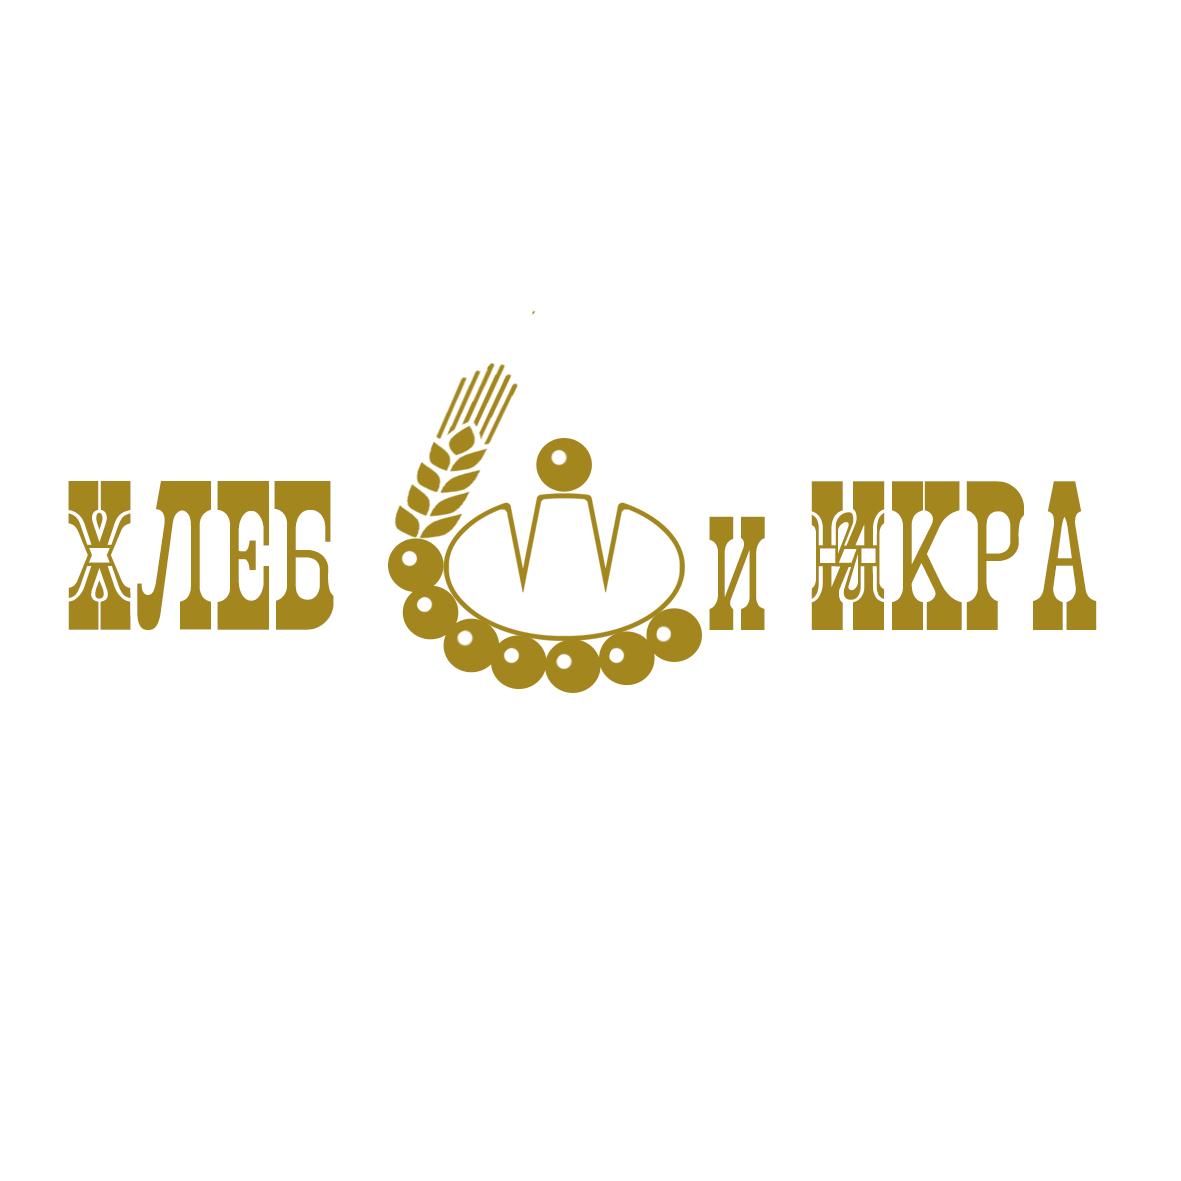 Разработка логотипа (написание)и разработка дизайна вывески  фото f_7905d7e453f245d0.png